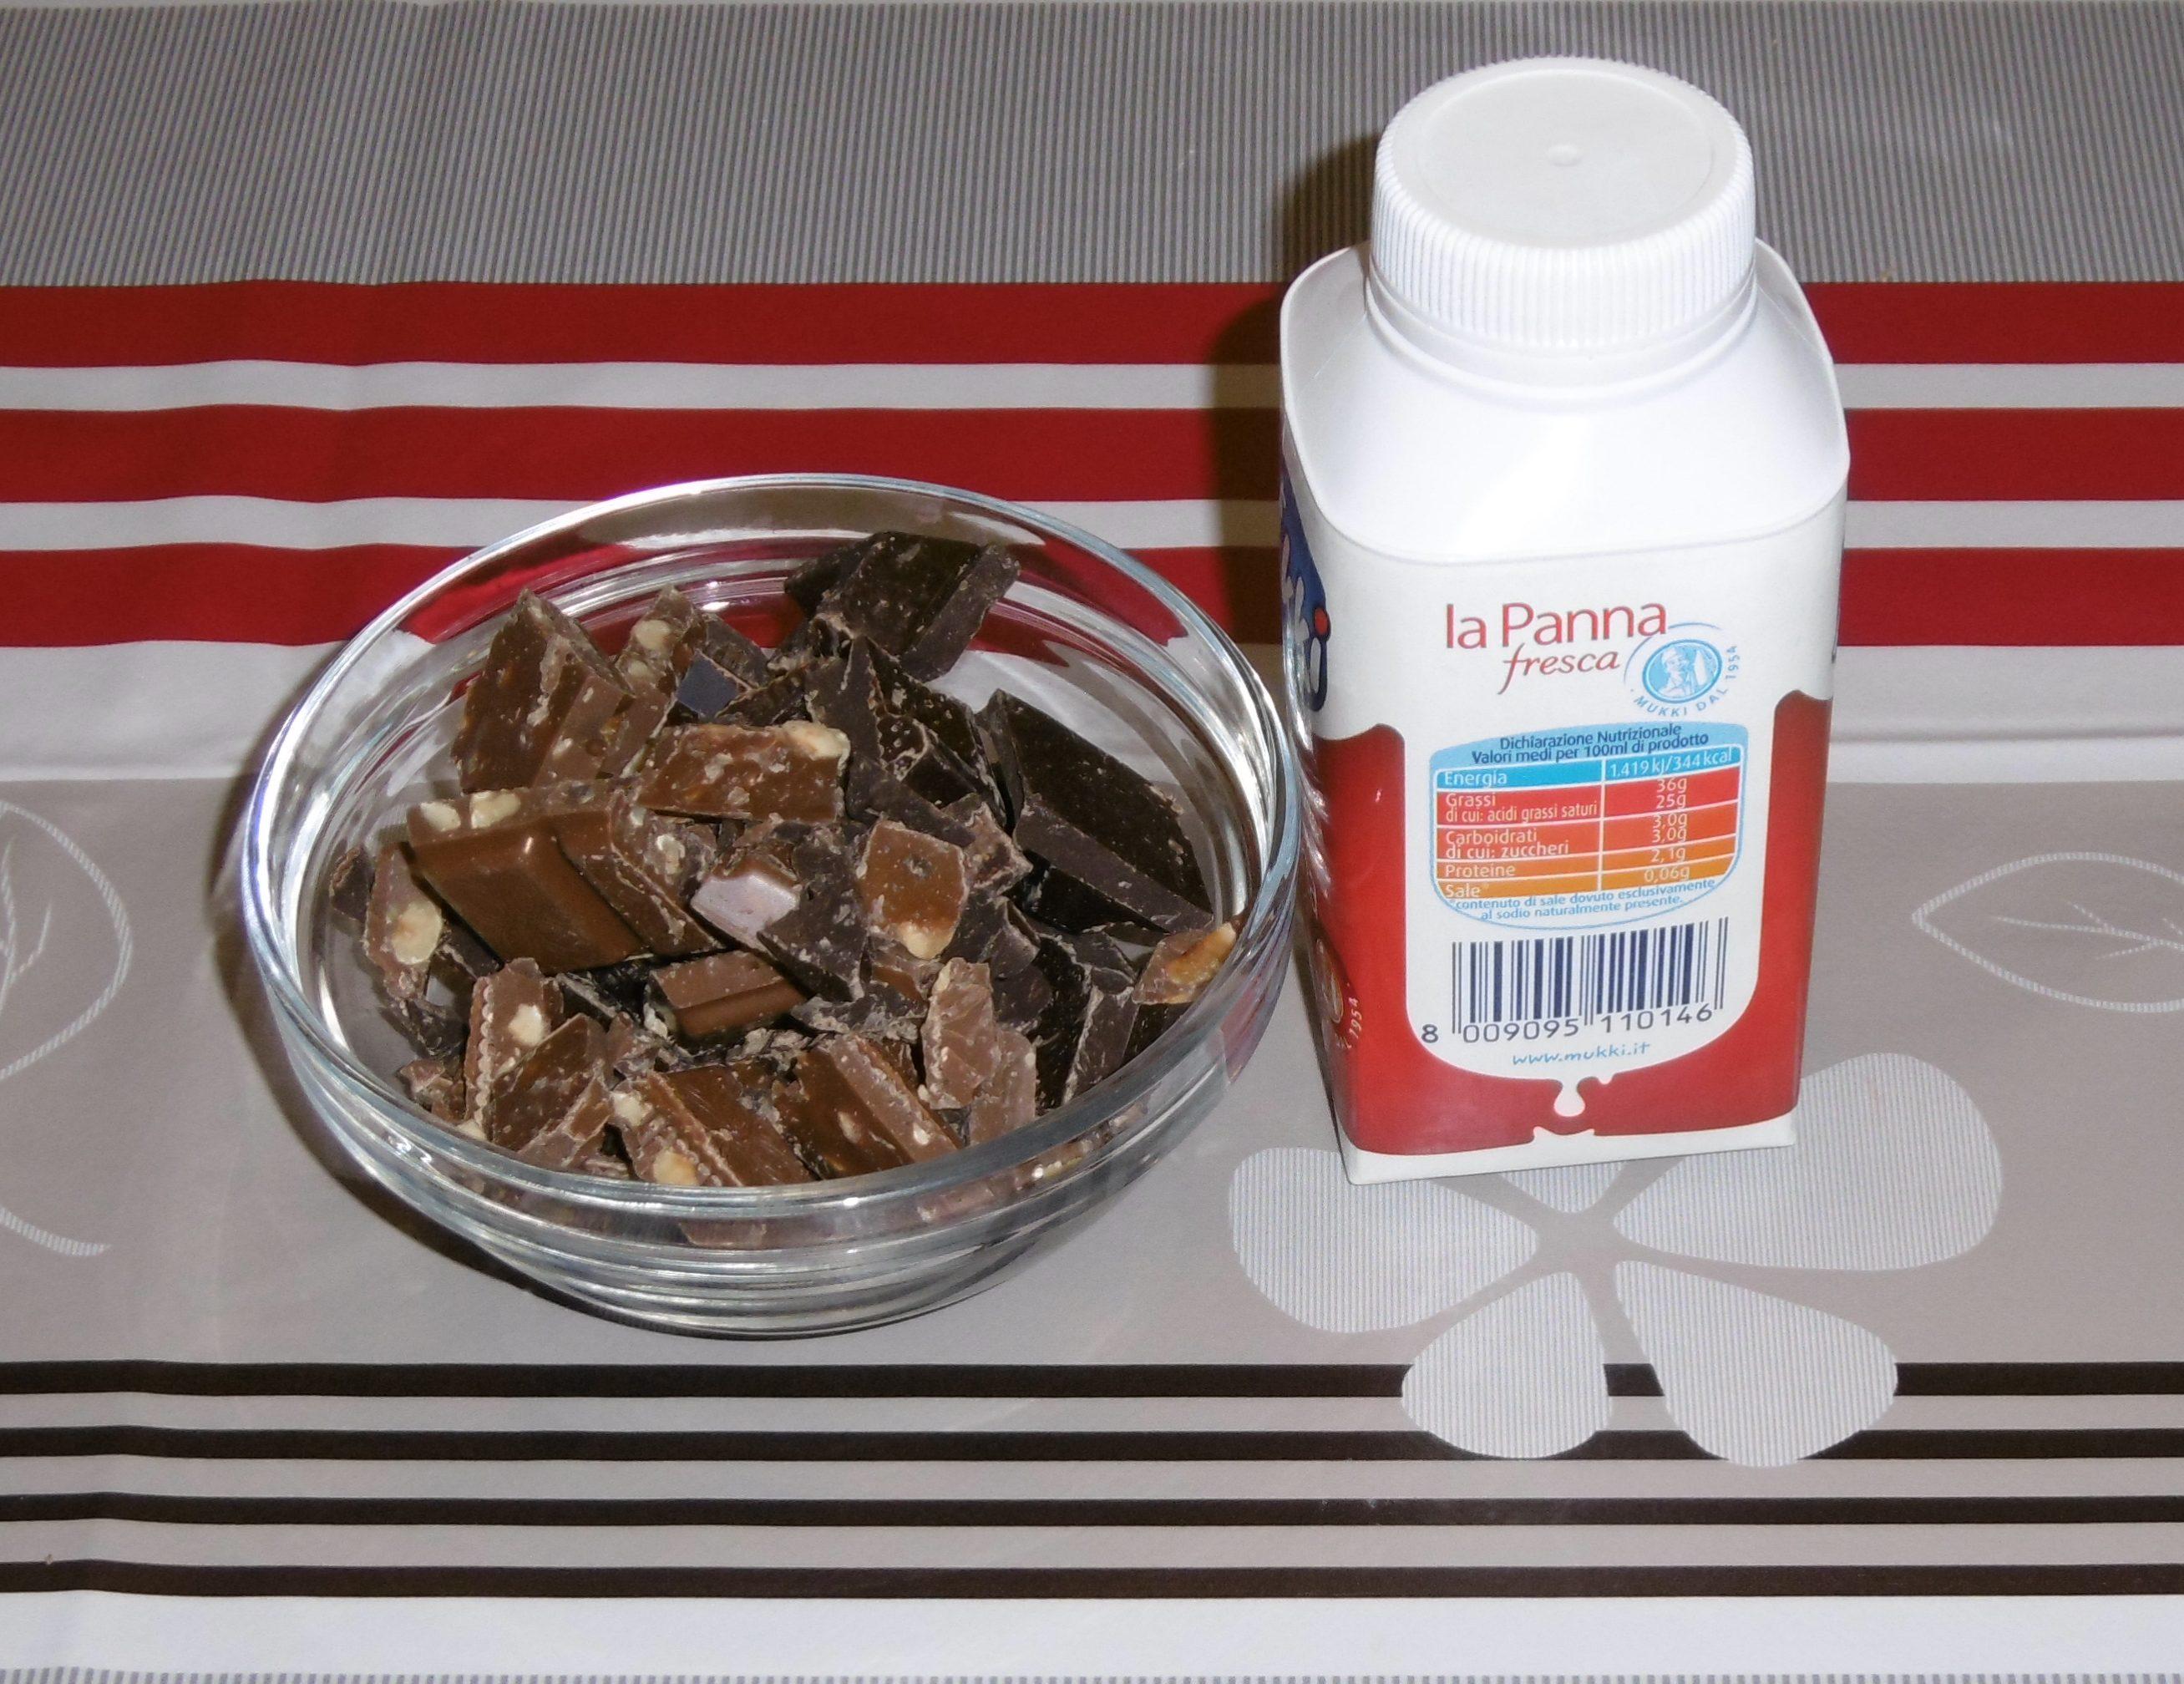 Ganache al cioccolato e nocciole - Ingredienti